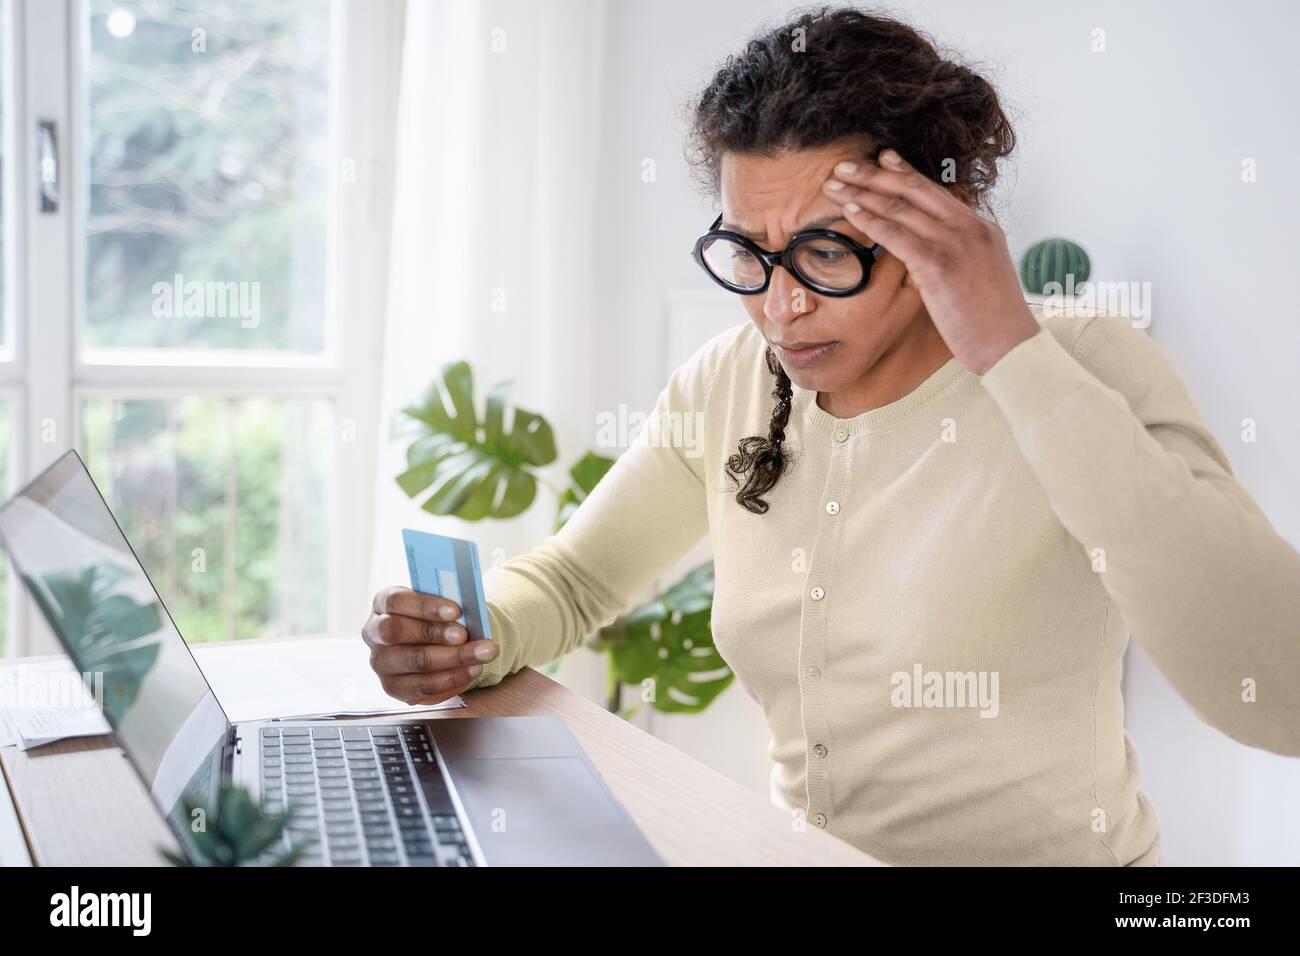 Femme noire ayant un problème avec le paiement par carte de crédit en ligne Banque D'Images